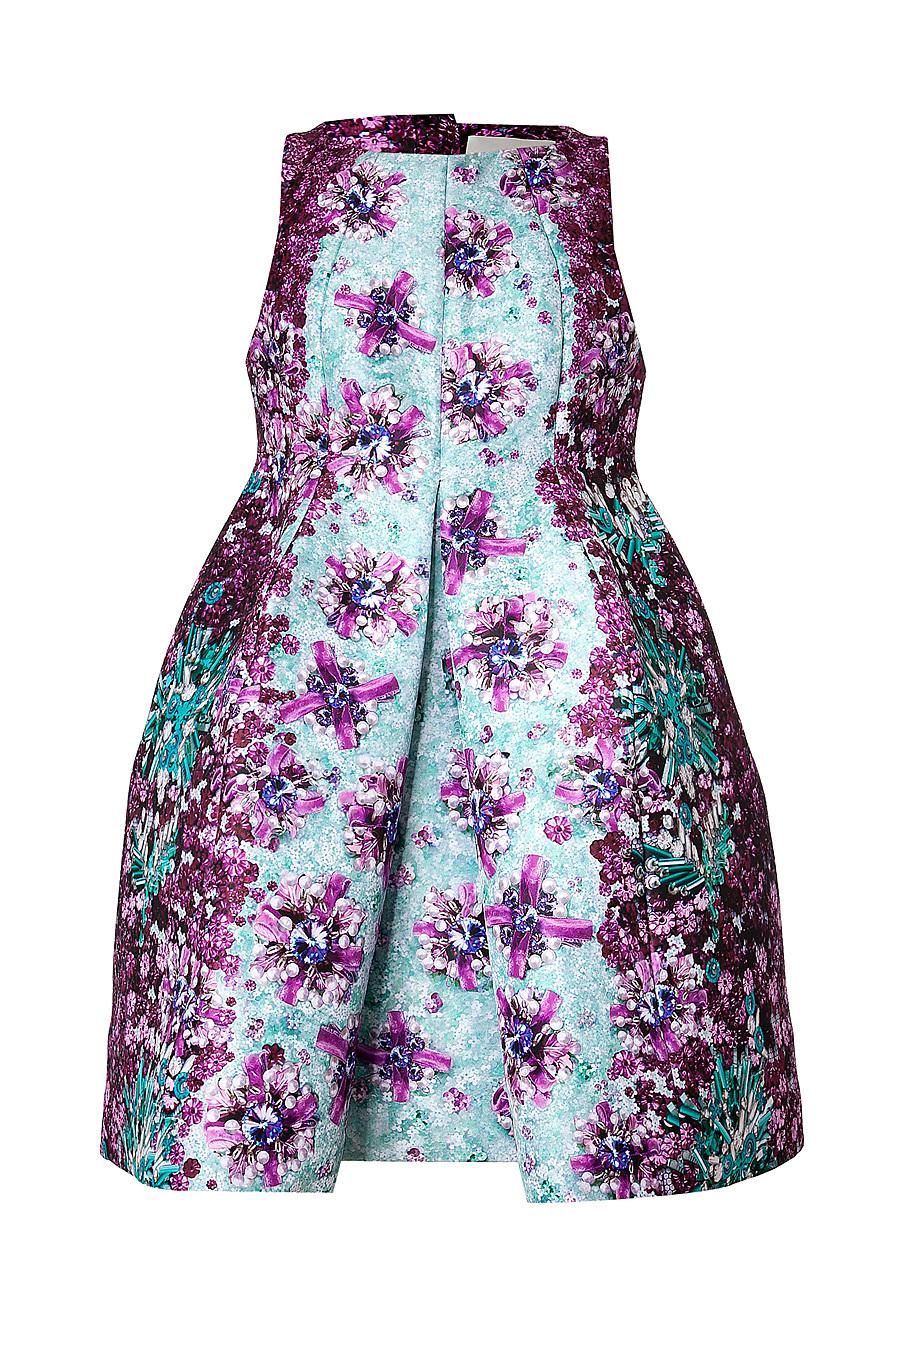 Mary Katrantzou Flared Dress